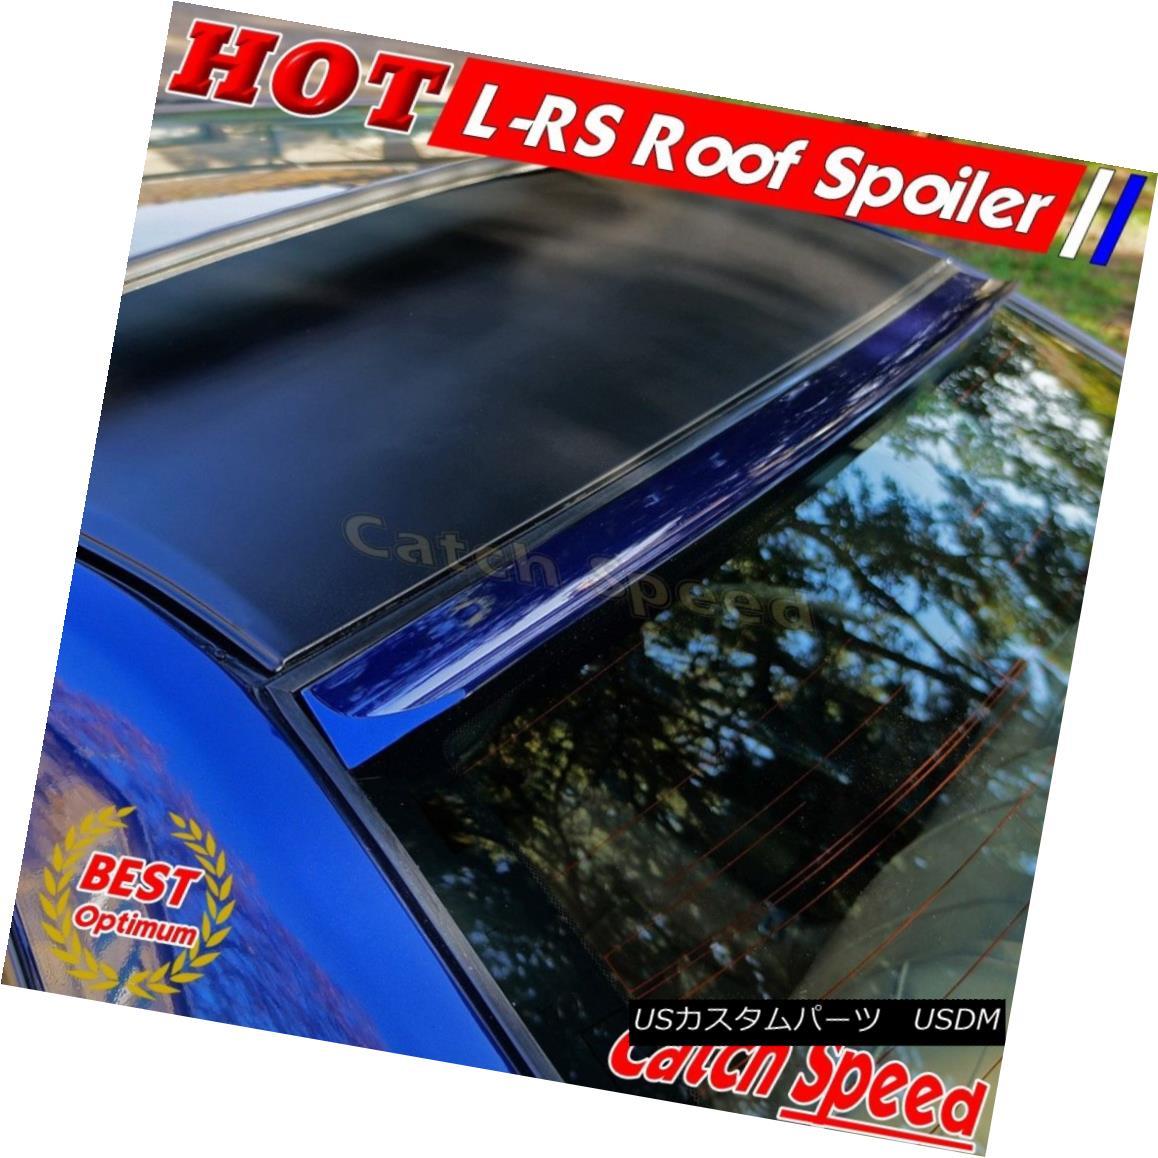 エアロパーツ Painted LRS Style Rear Roof Spoiler Wing For Ford Taurus SHO Sedan 2010-2015 ? フォードトーラスSHOセダン2010-2015のための塗装LRSスタイルのリアルーフスポイラーウィング?